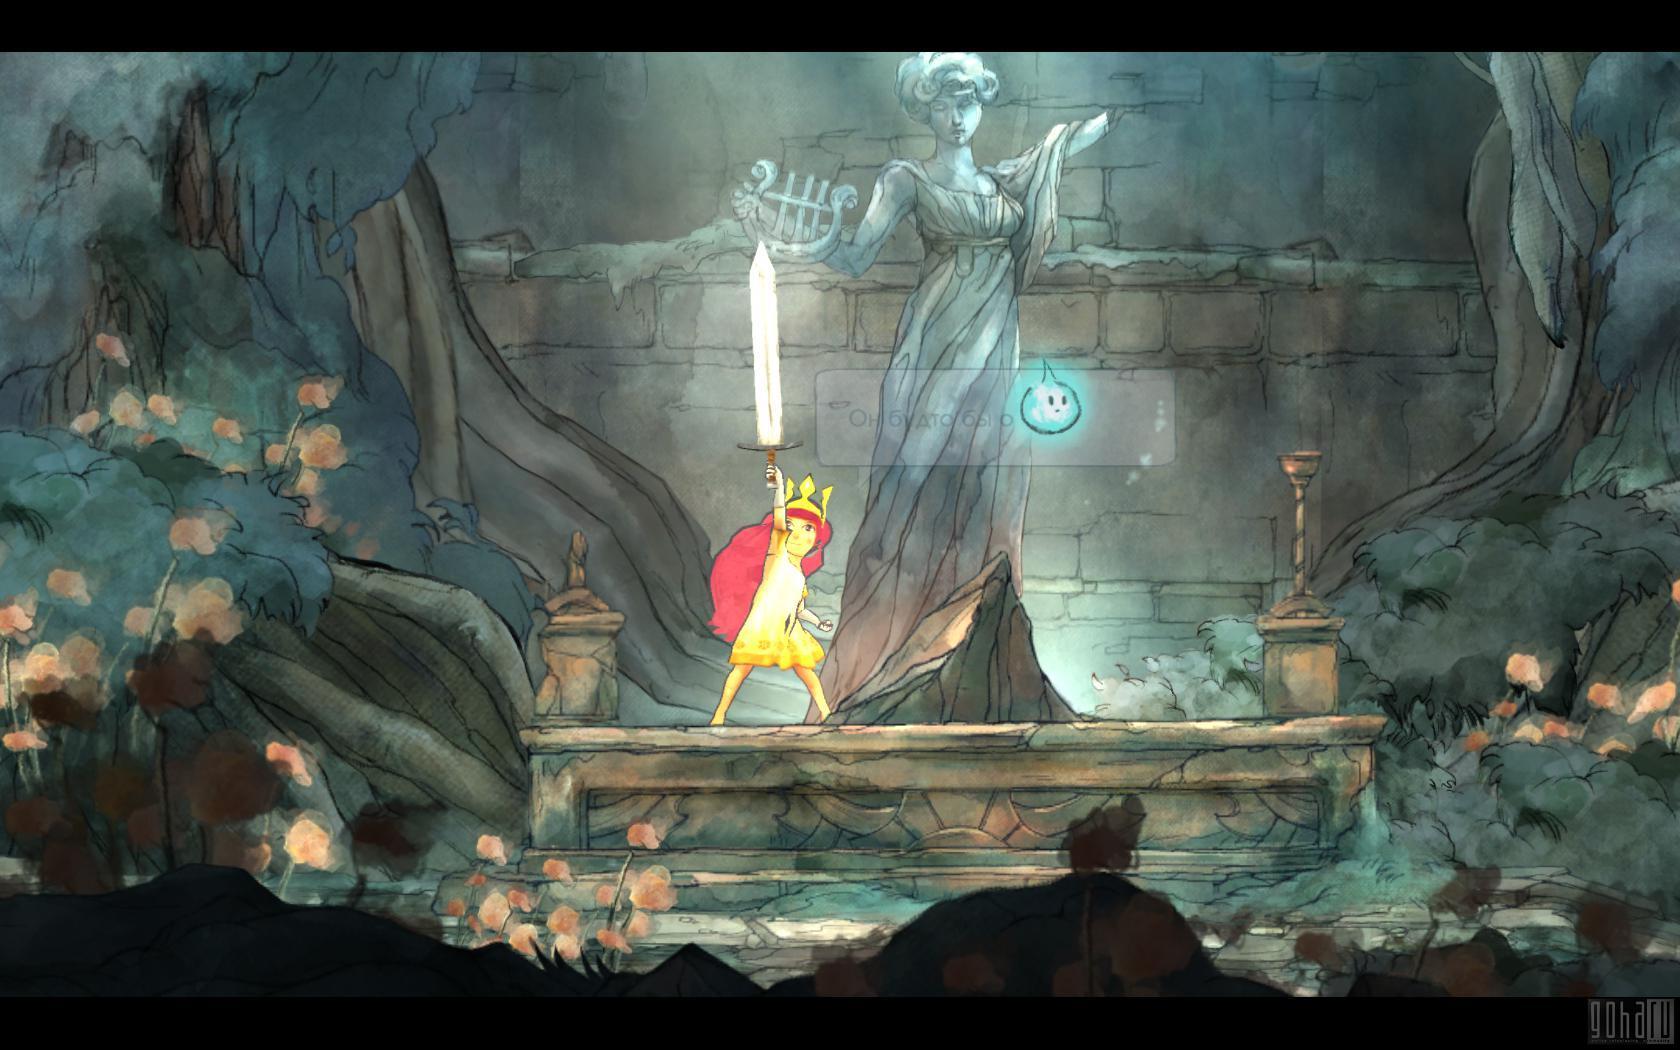 Сhild of light: волшебная сказка в формате jrpg платформера